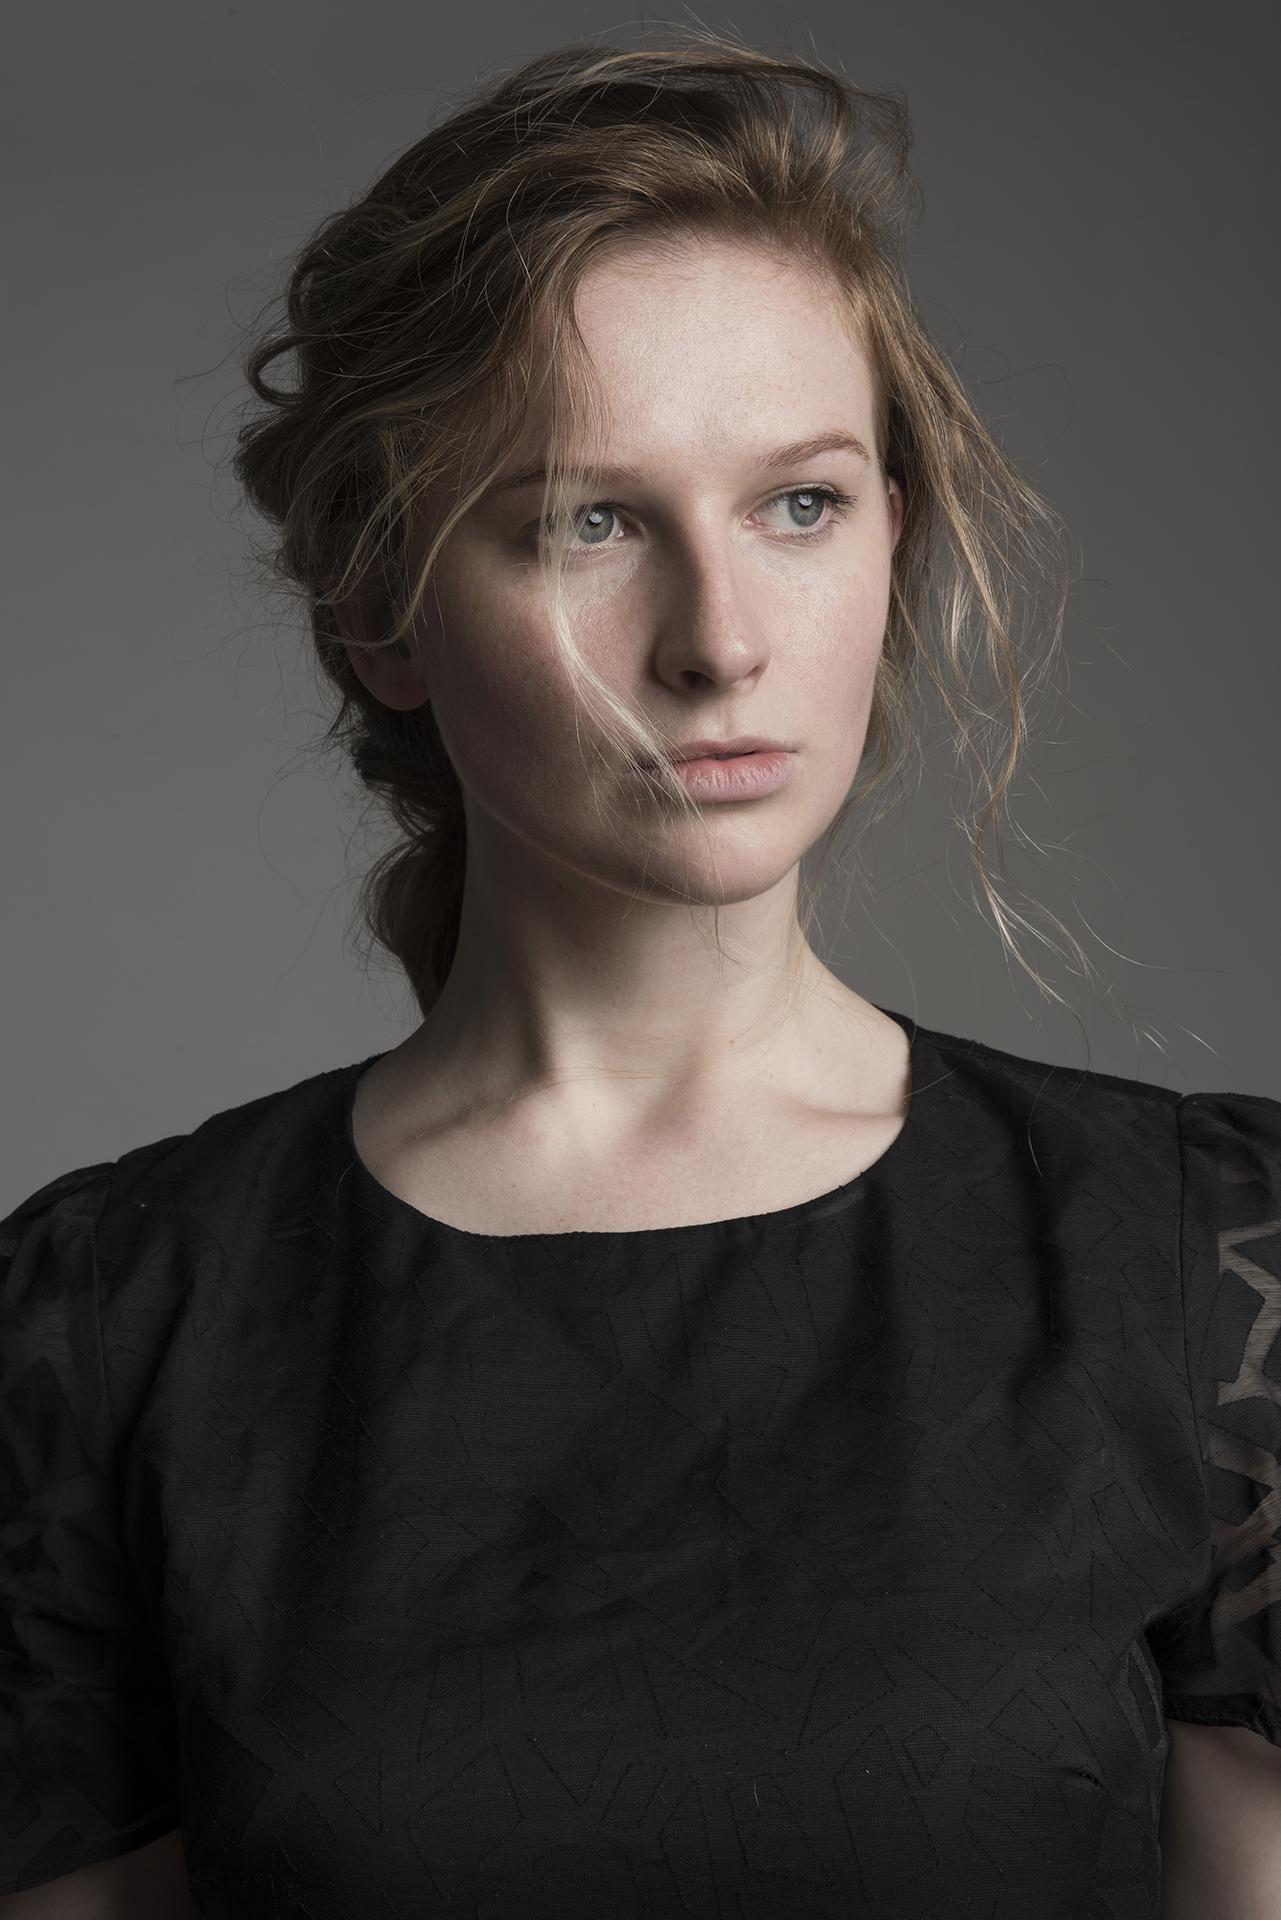 Claire W